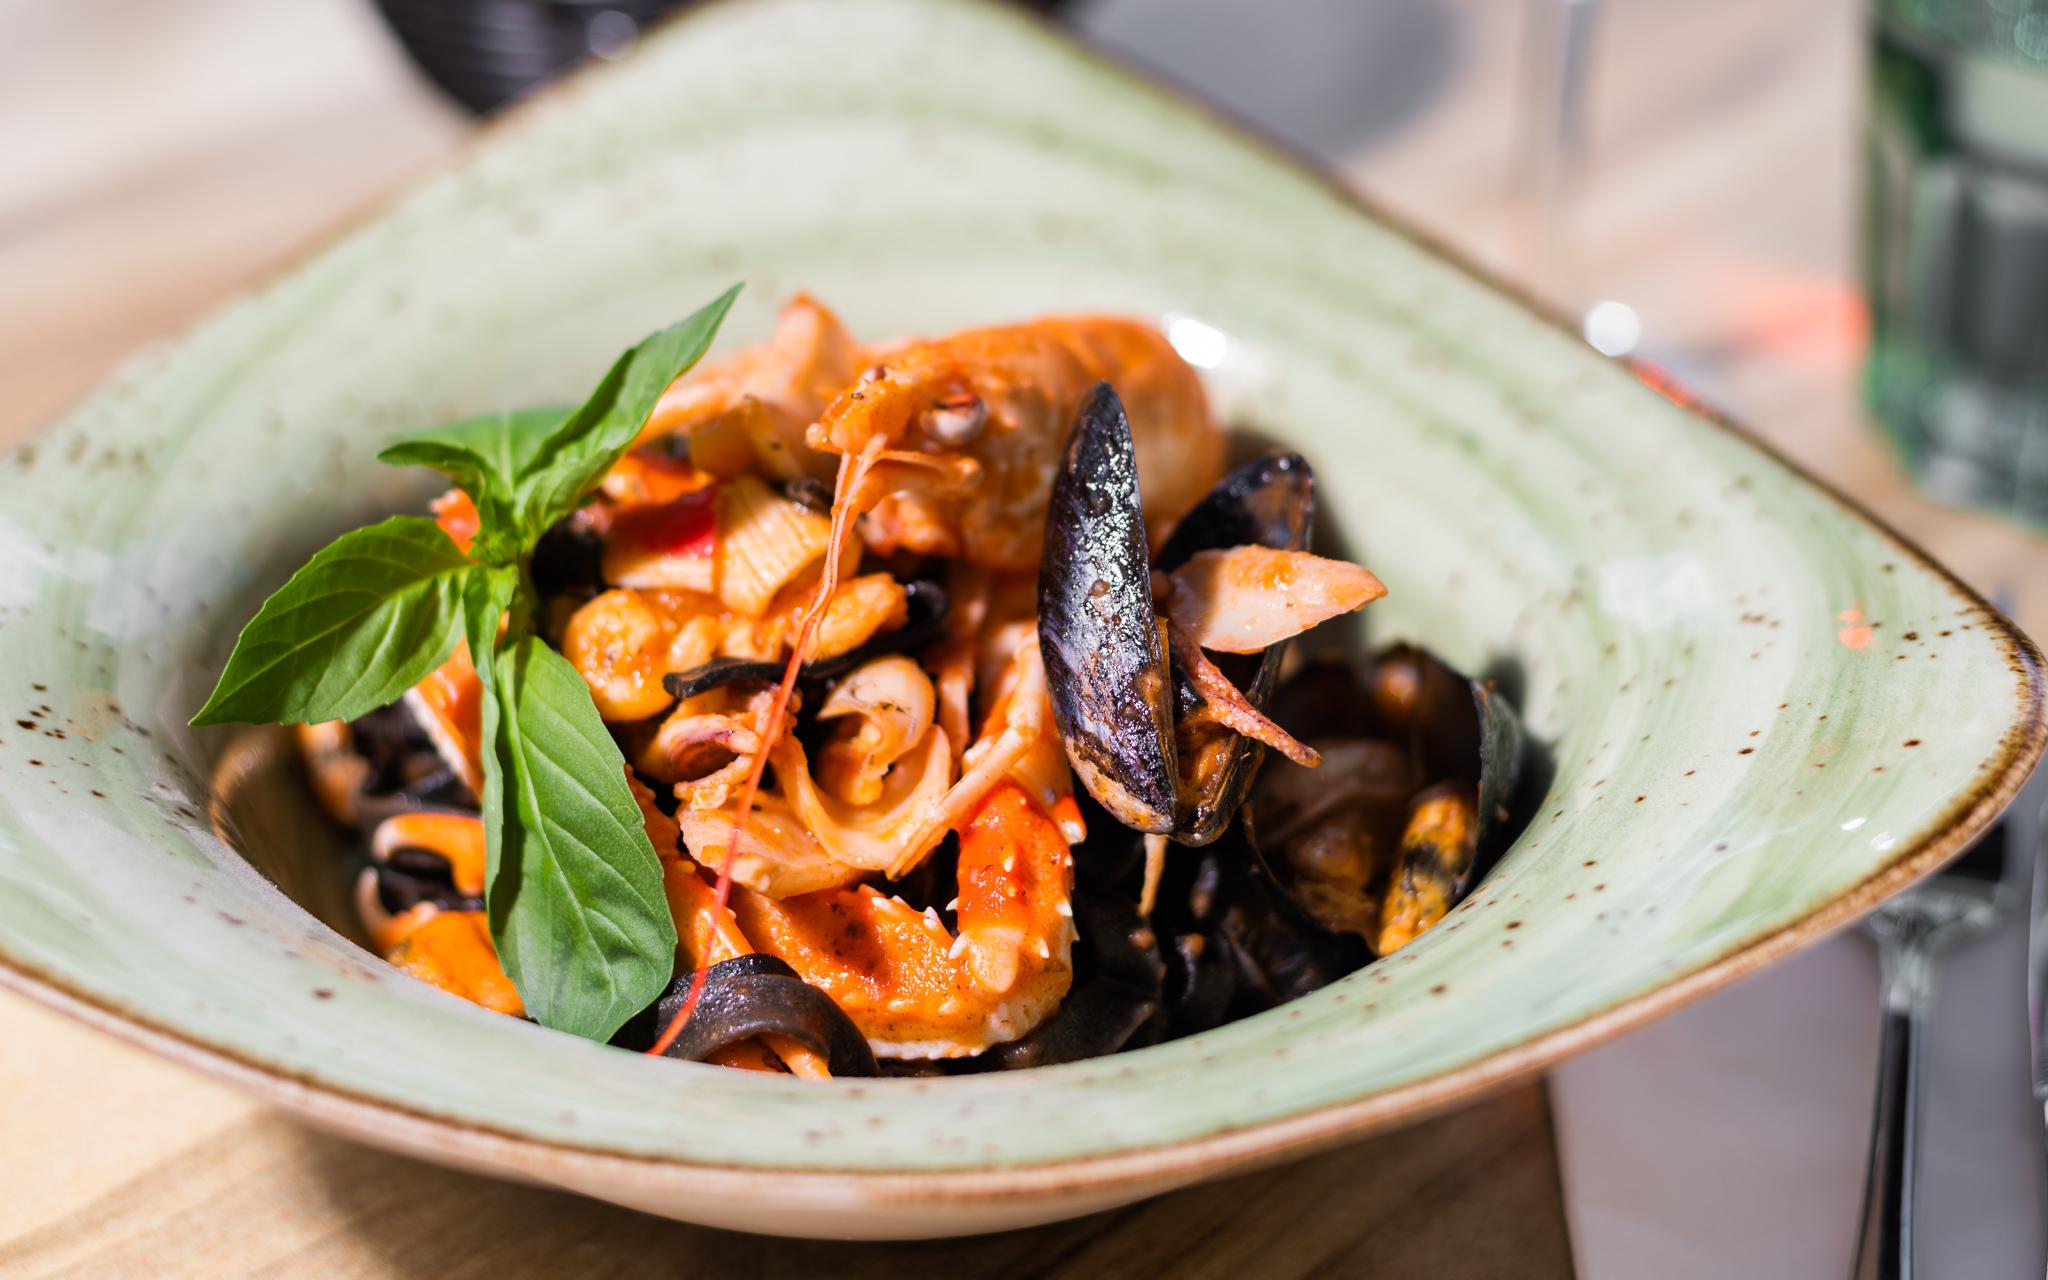 Fettuccine pasta med hele jomfruhummer, jomfruhummerhaler, blæksprutter, blåmuslinger, alt det gode fra havet og frisk basilikum.